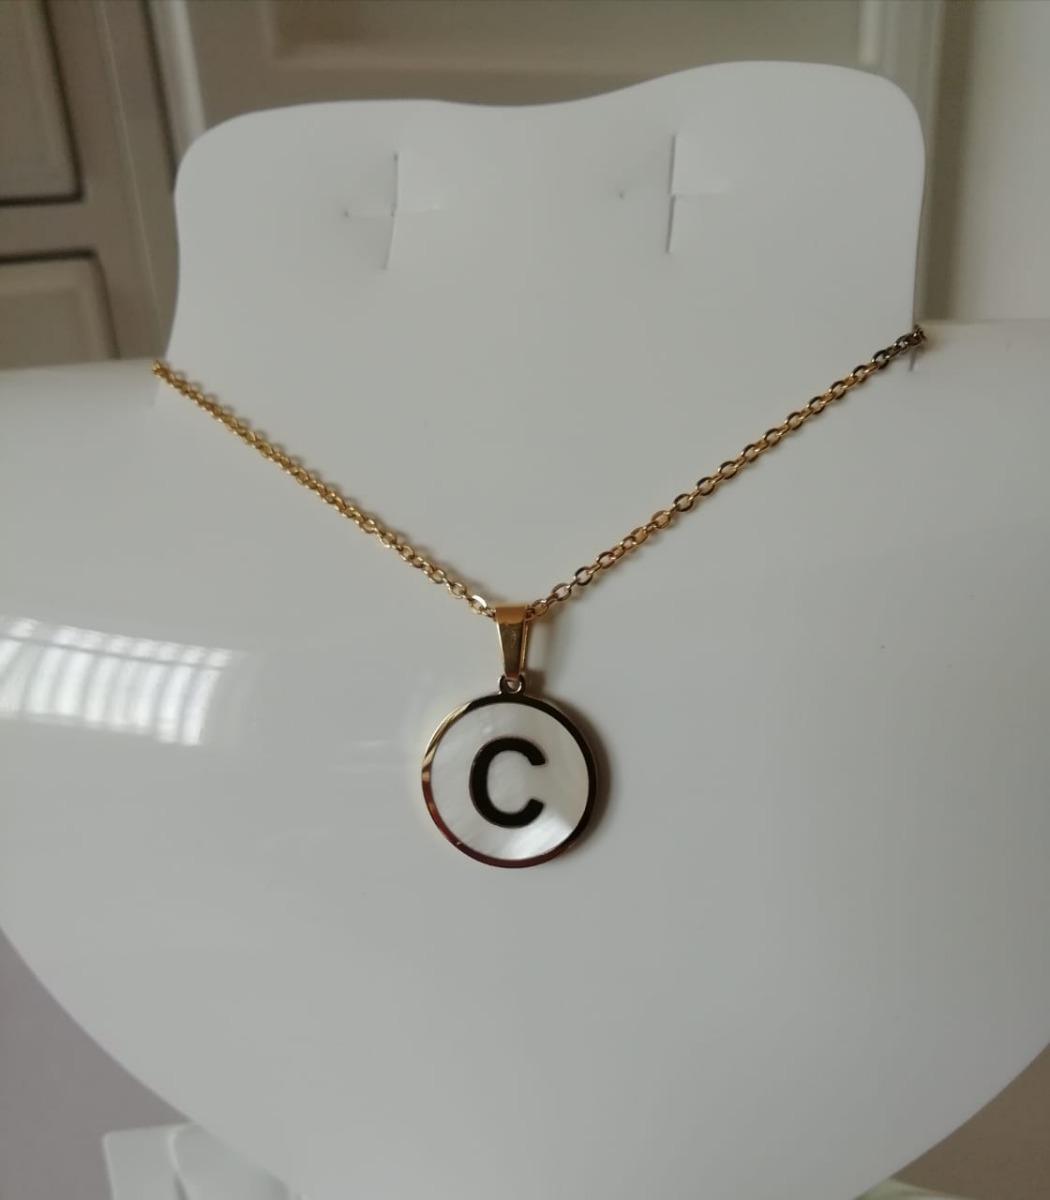 9b1ca1f05889 Cargando zoom... collar con dije letra inicial acero inoxidable y madre  perla